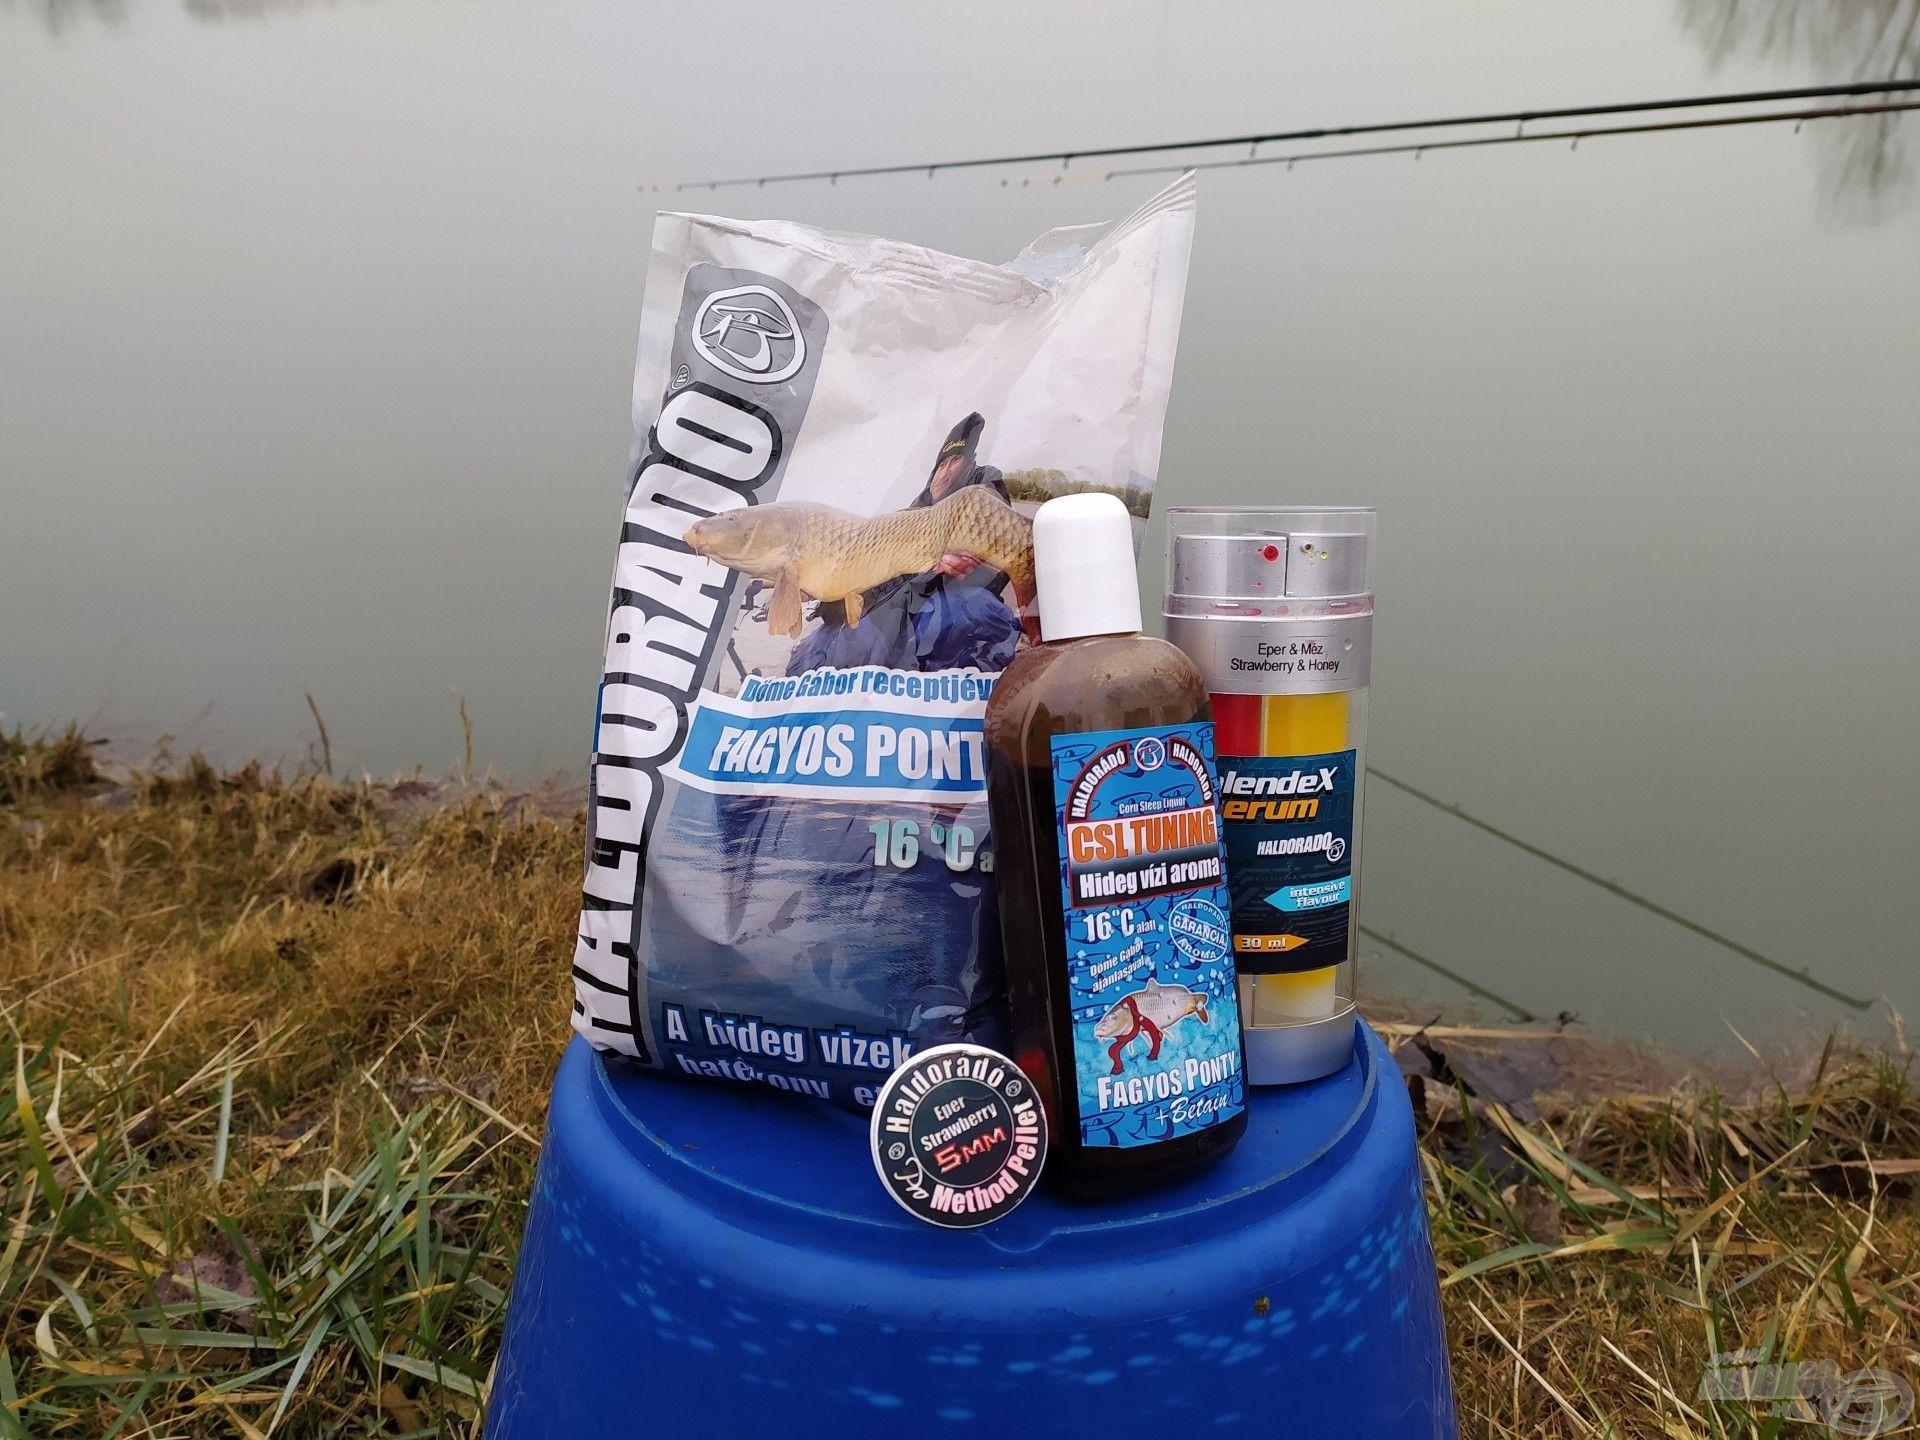 A hideg vízi horgászatra ezeket a csalogatóanyagokat hoztam